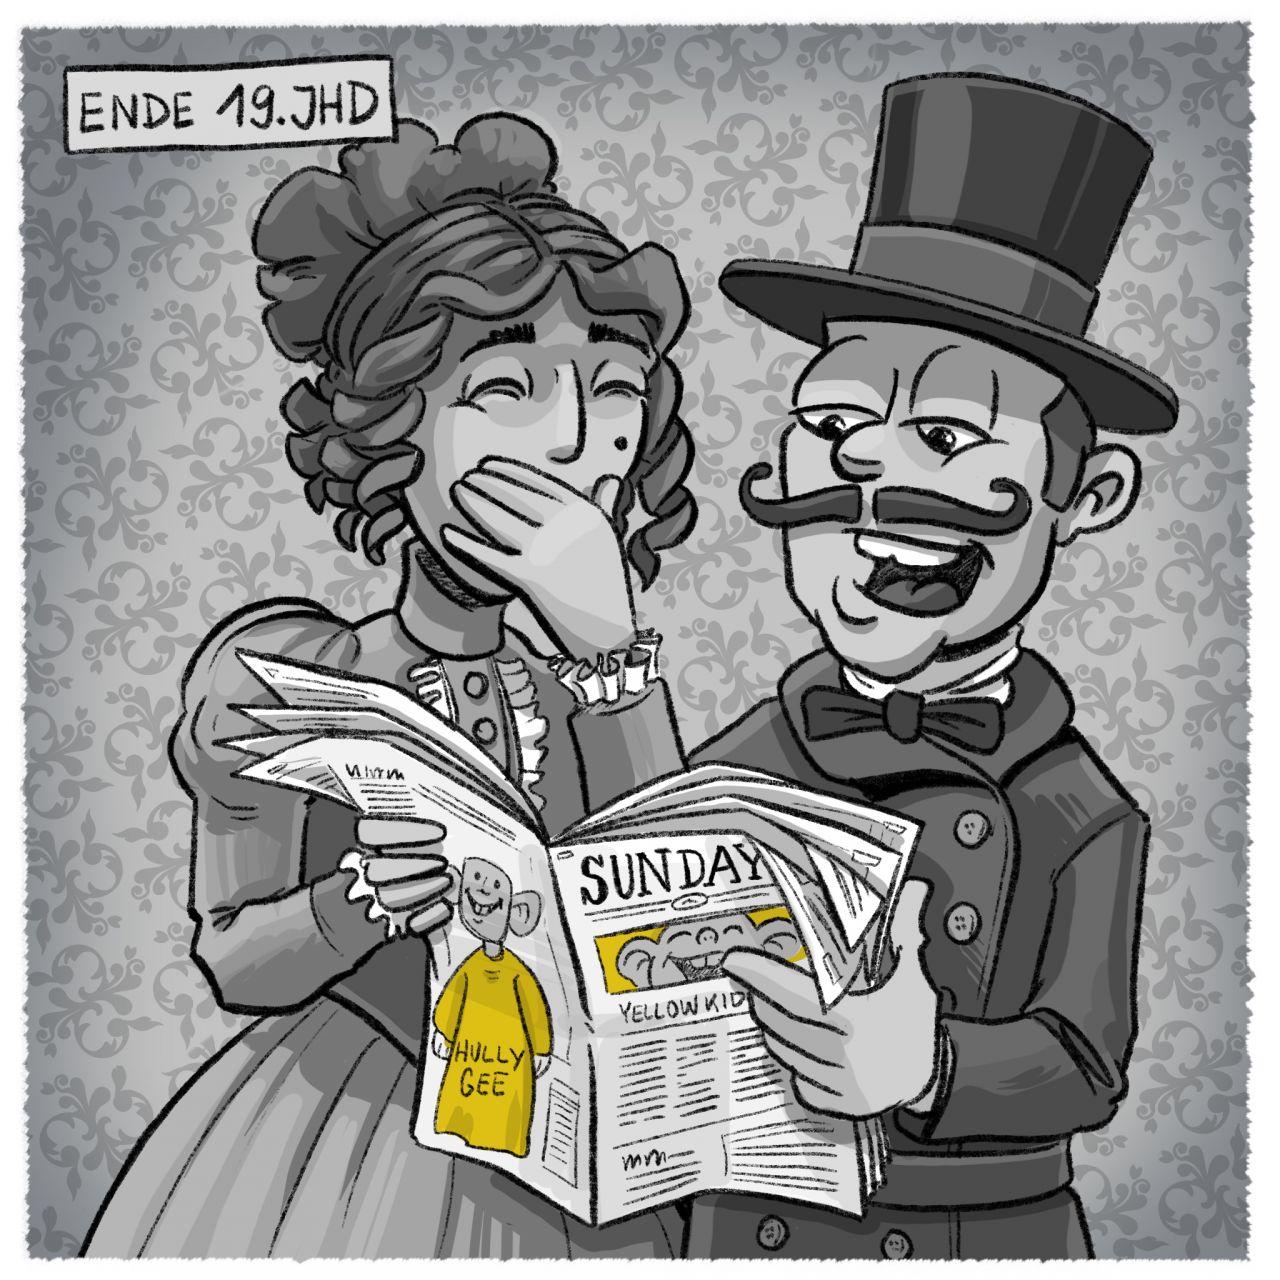 Geschichte der Comics: 19. Jahrhundert